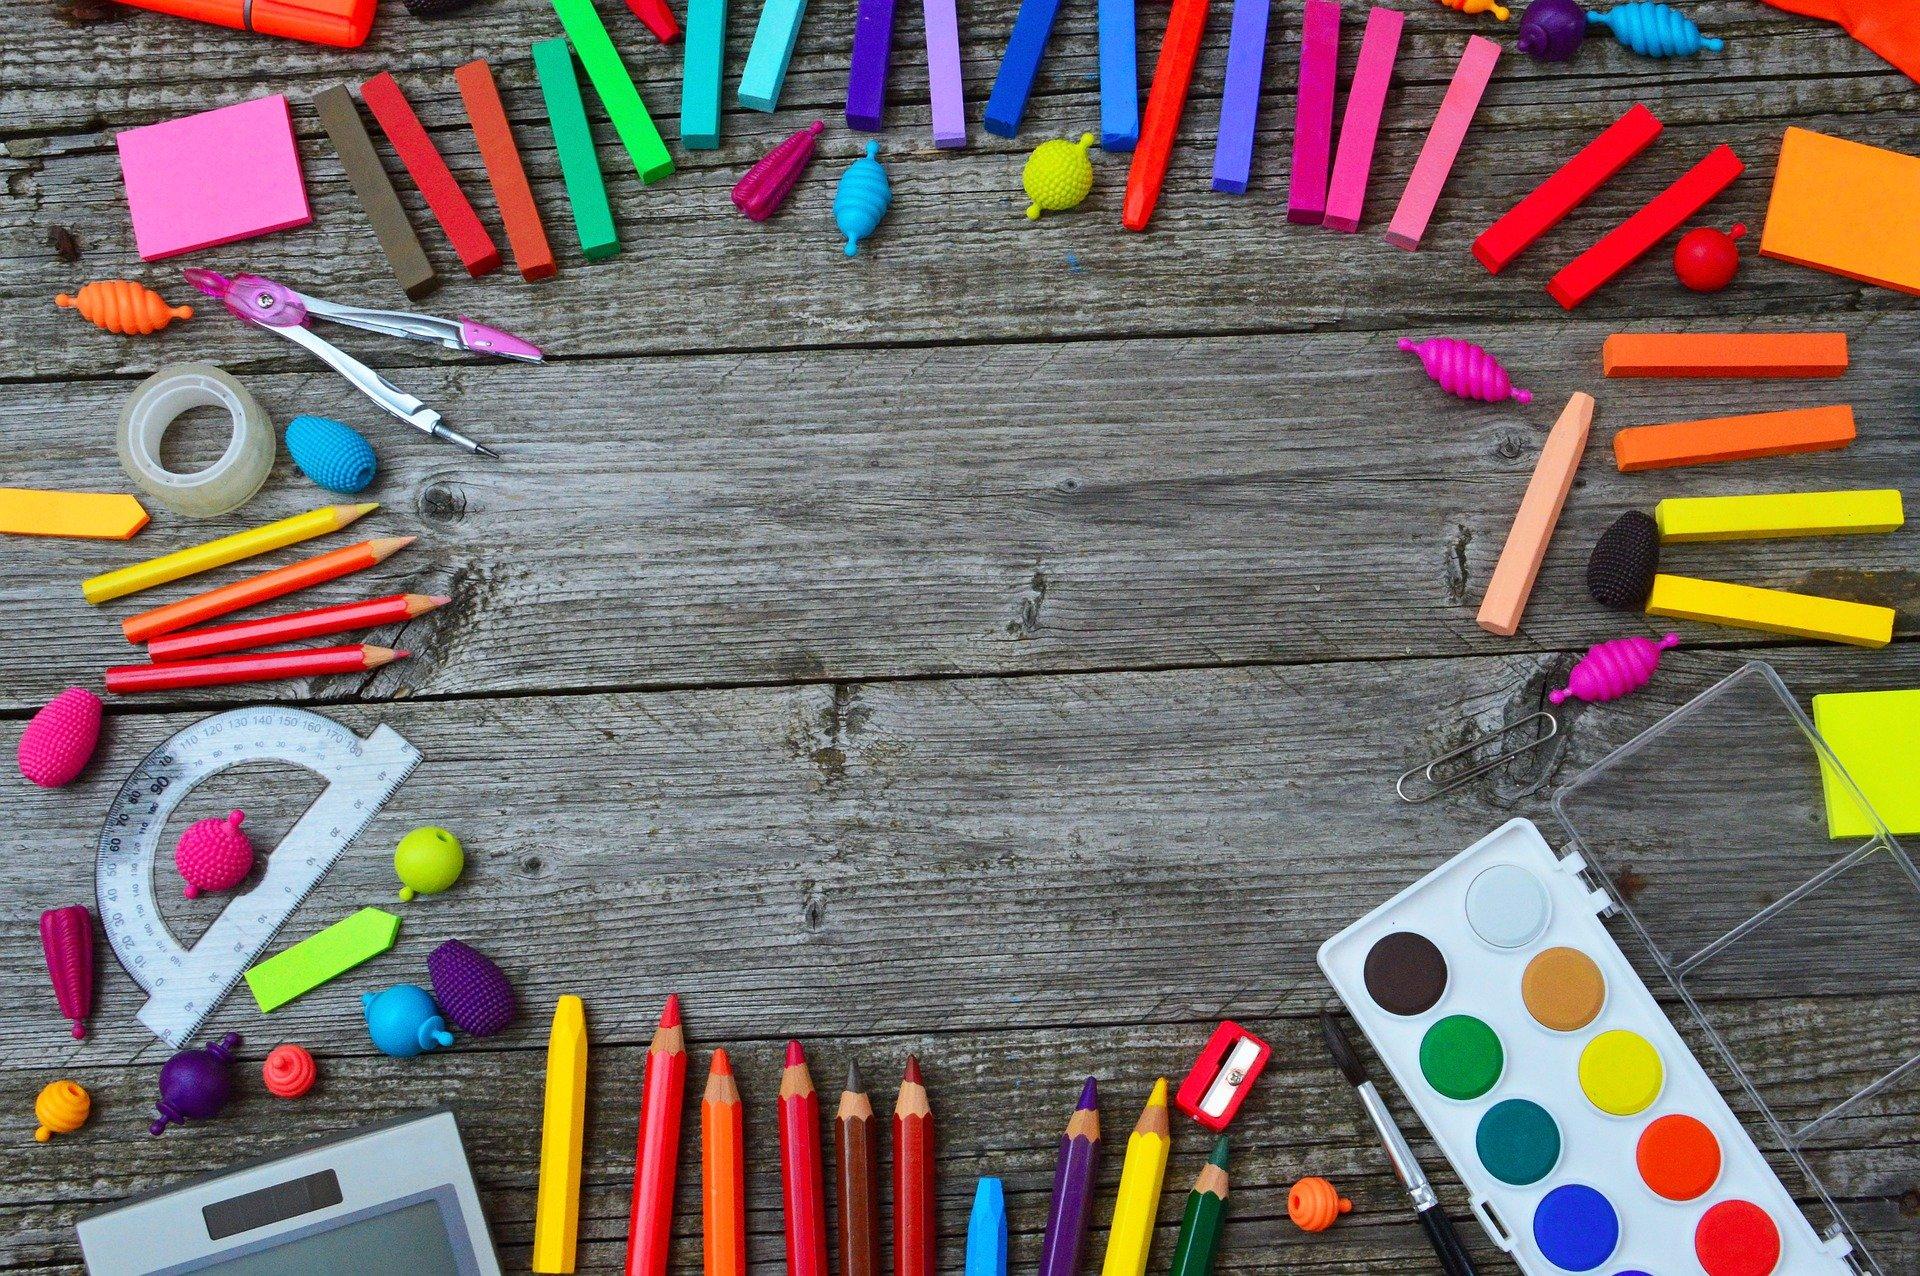 色とりどりの筆記用具が床の上に散らばっている